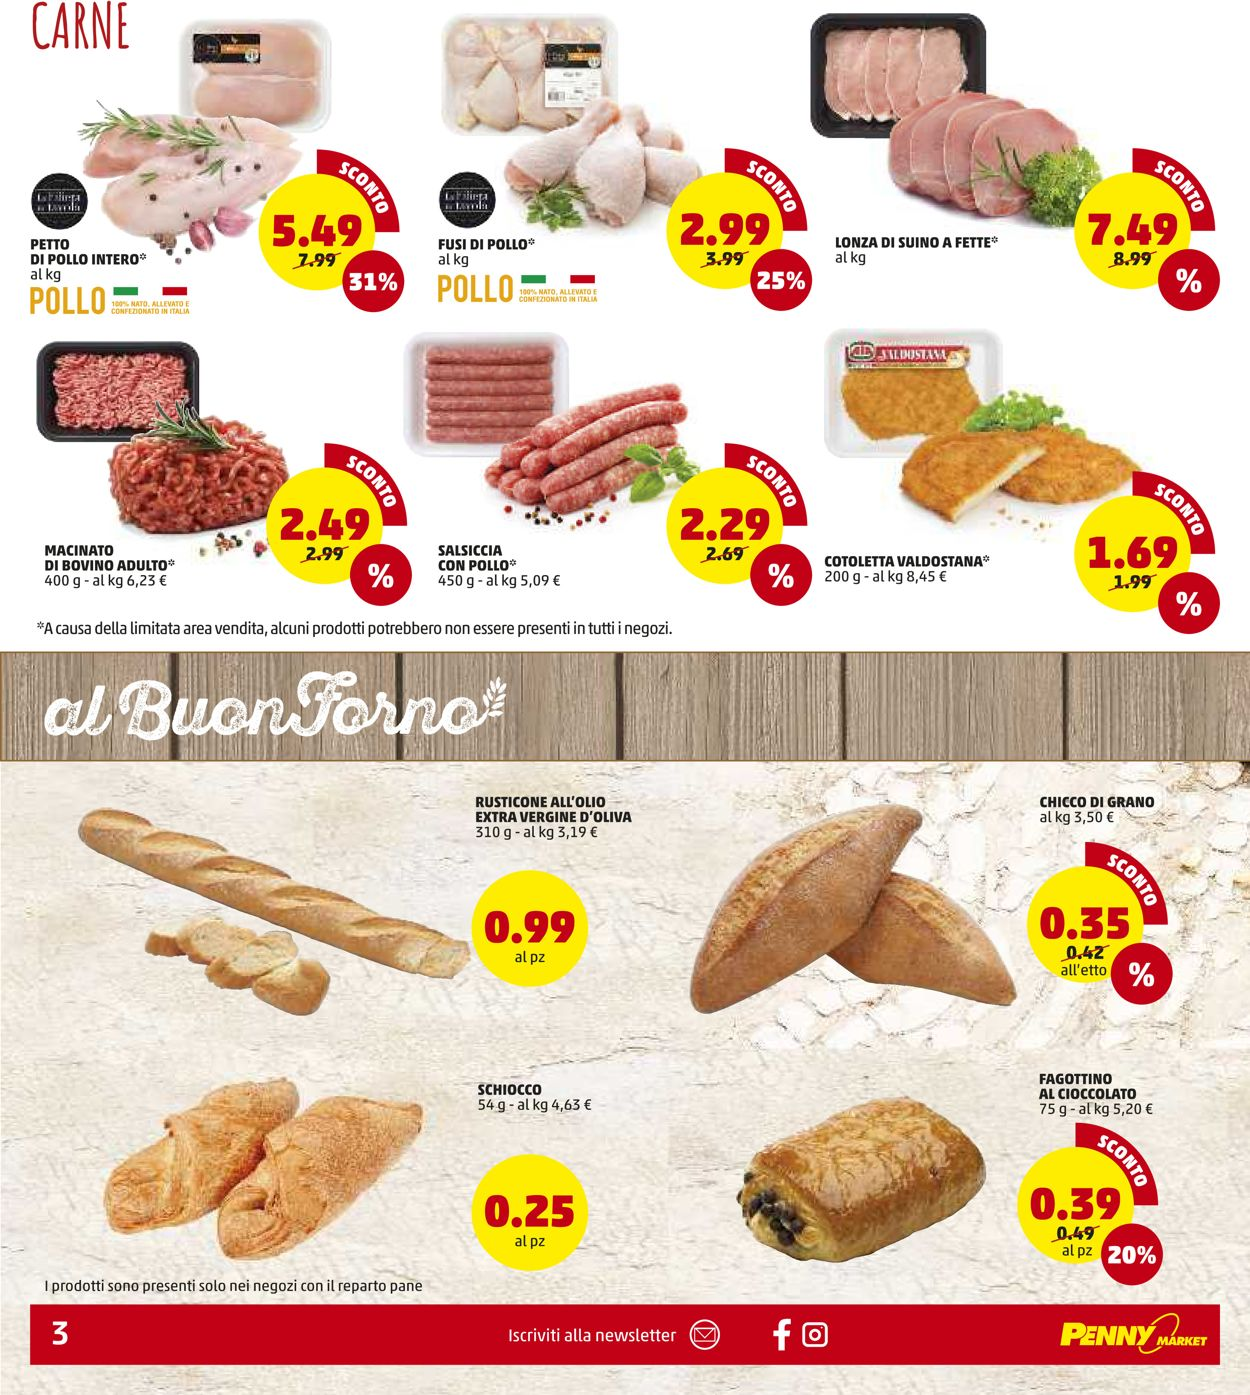 Volantino Penny Market - Locale - Offerte 07/01-17/01/2021 (Pagina 3)